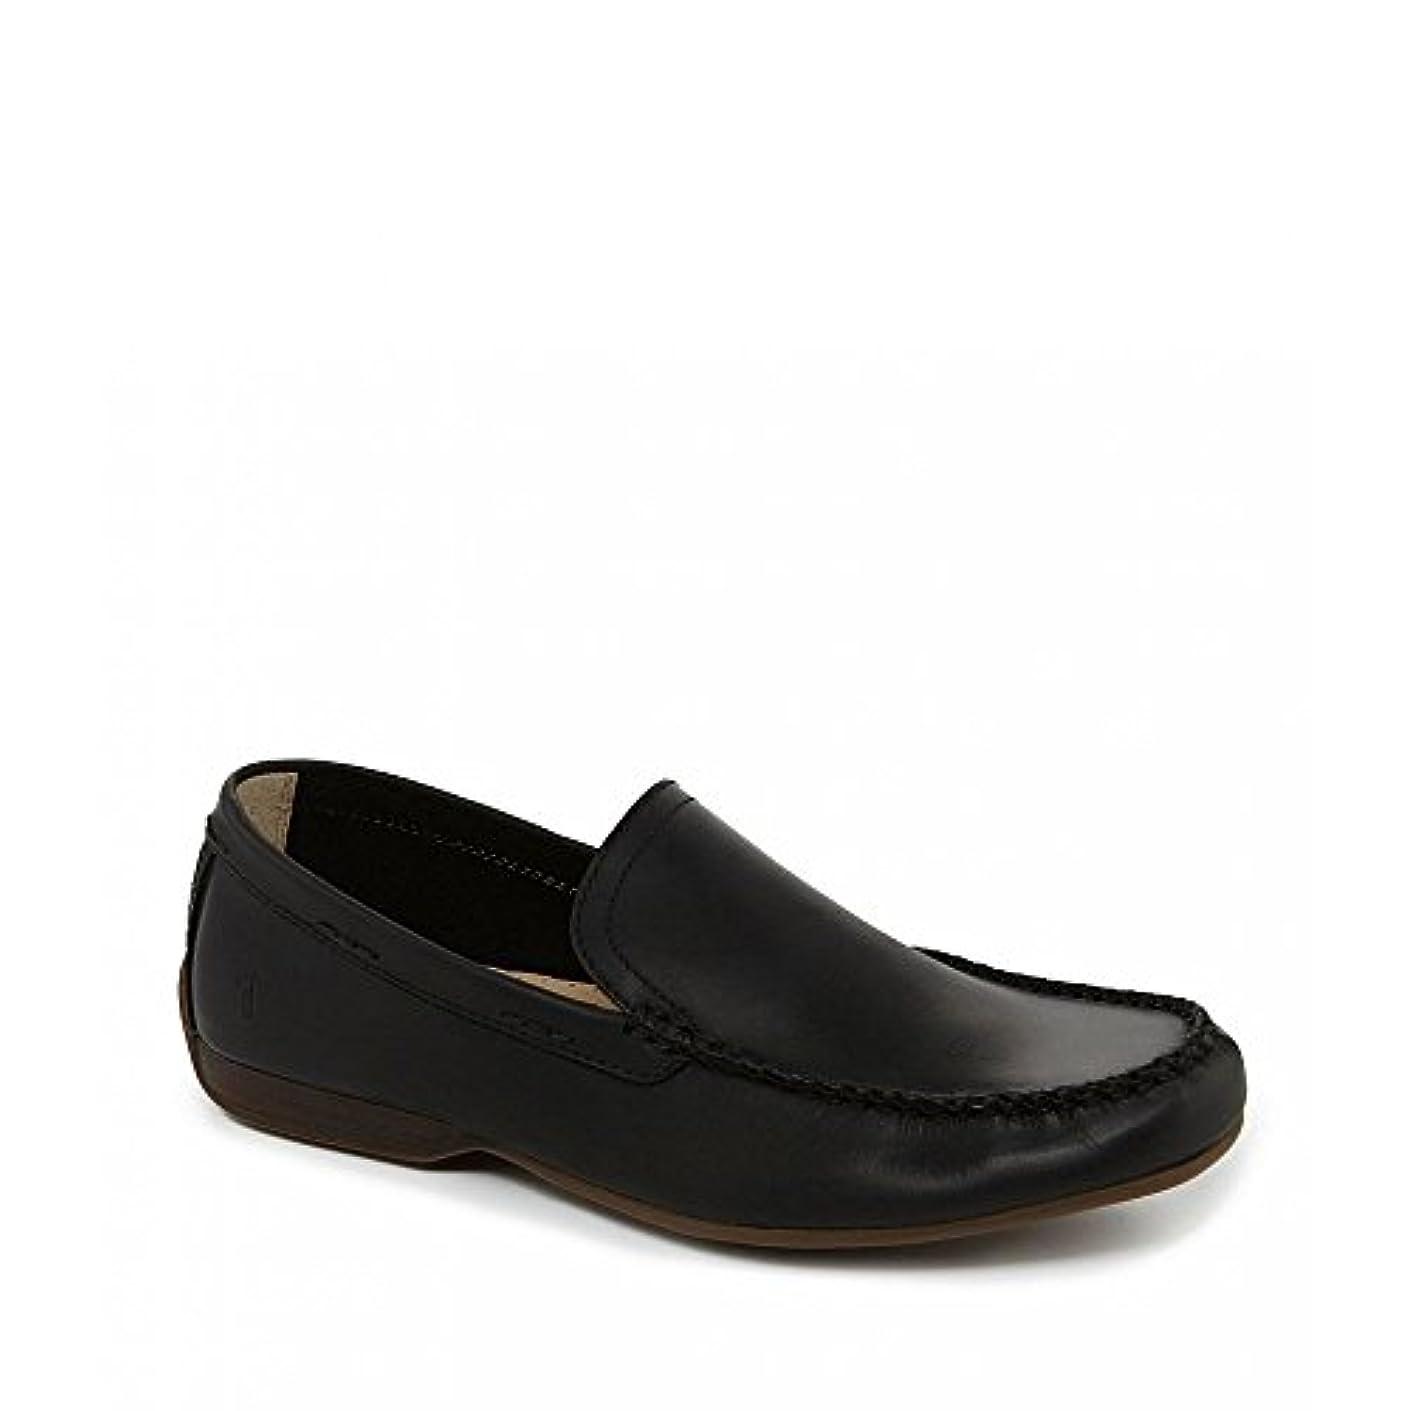 注入信仰困った(フライ) Frye メンズ シューズ?靴 ローファー Lewis Antique Pull Up Leather Venetian Loafers [並行輸入品]